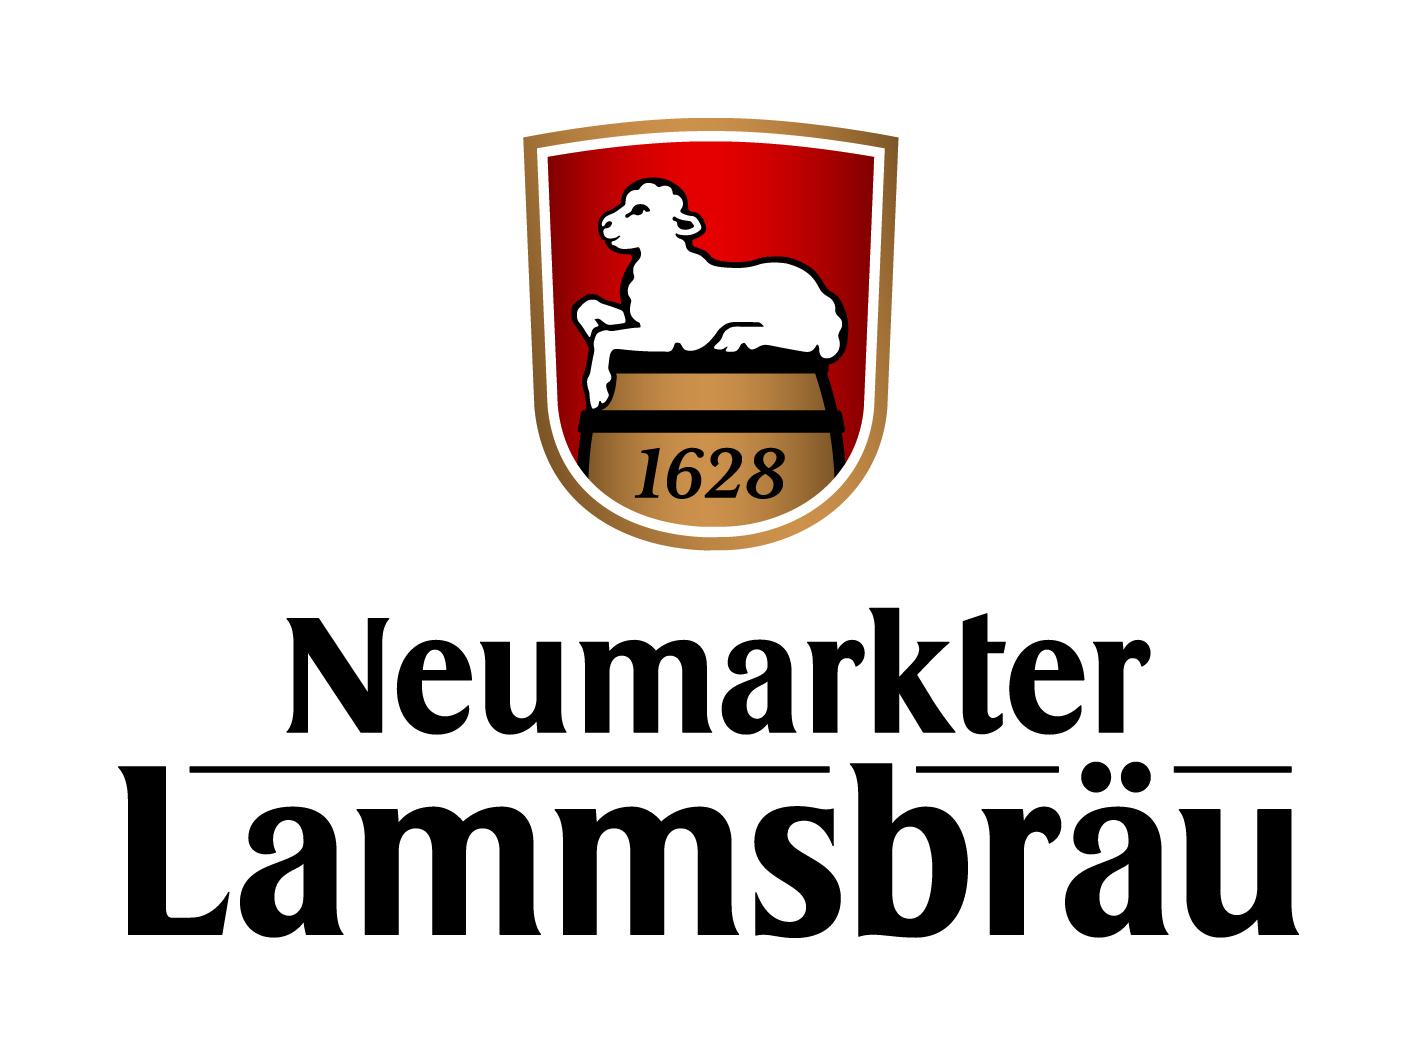 Neumarker Lammsbräu